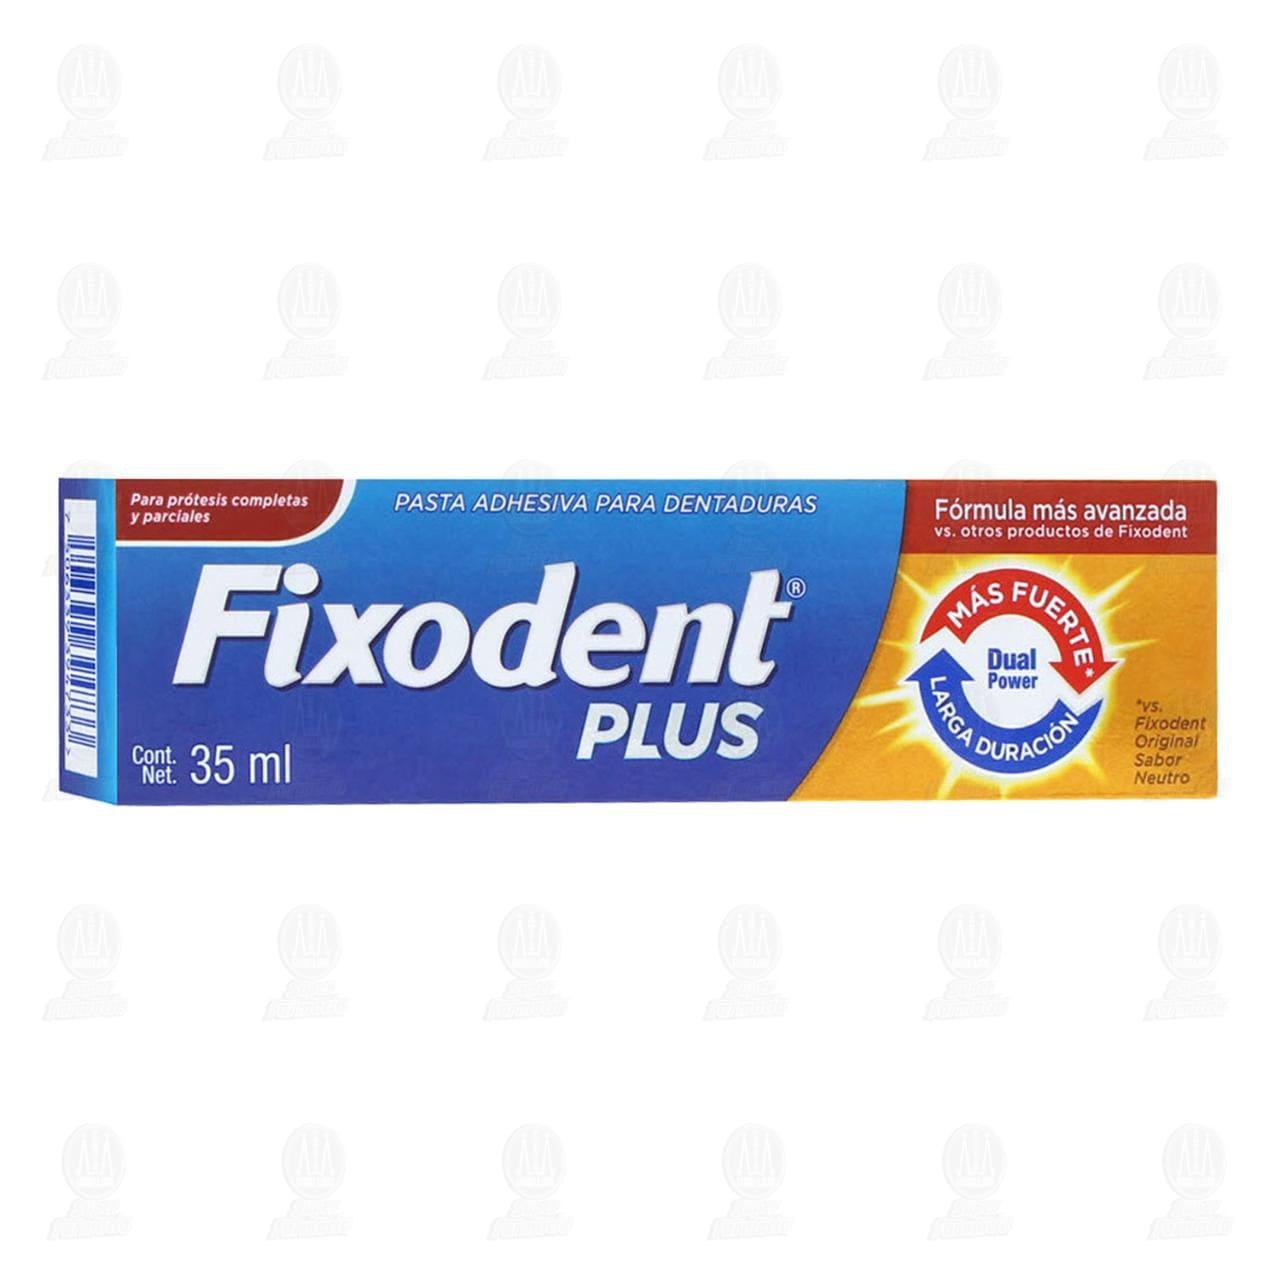 Pasta Adhesiva Fixodent Plus para Dentaduras y Prótesis con Dual Power, 35 ml.